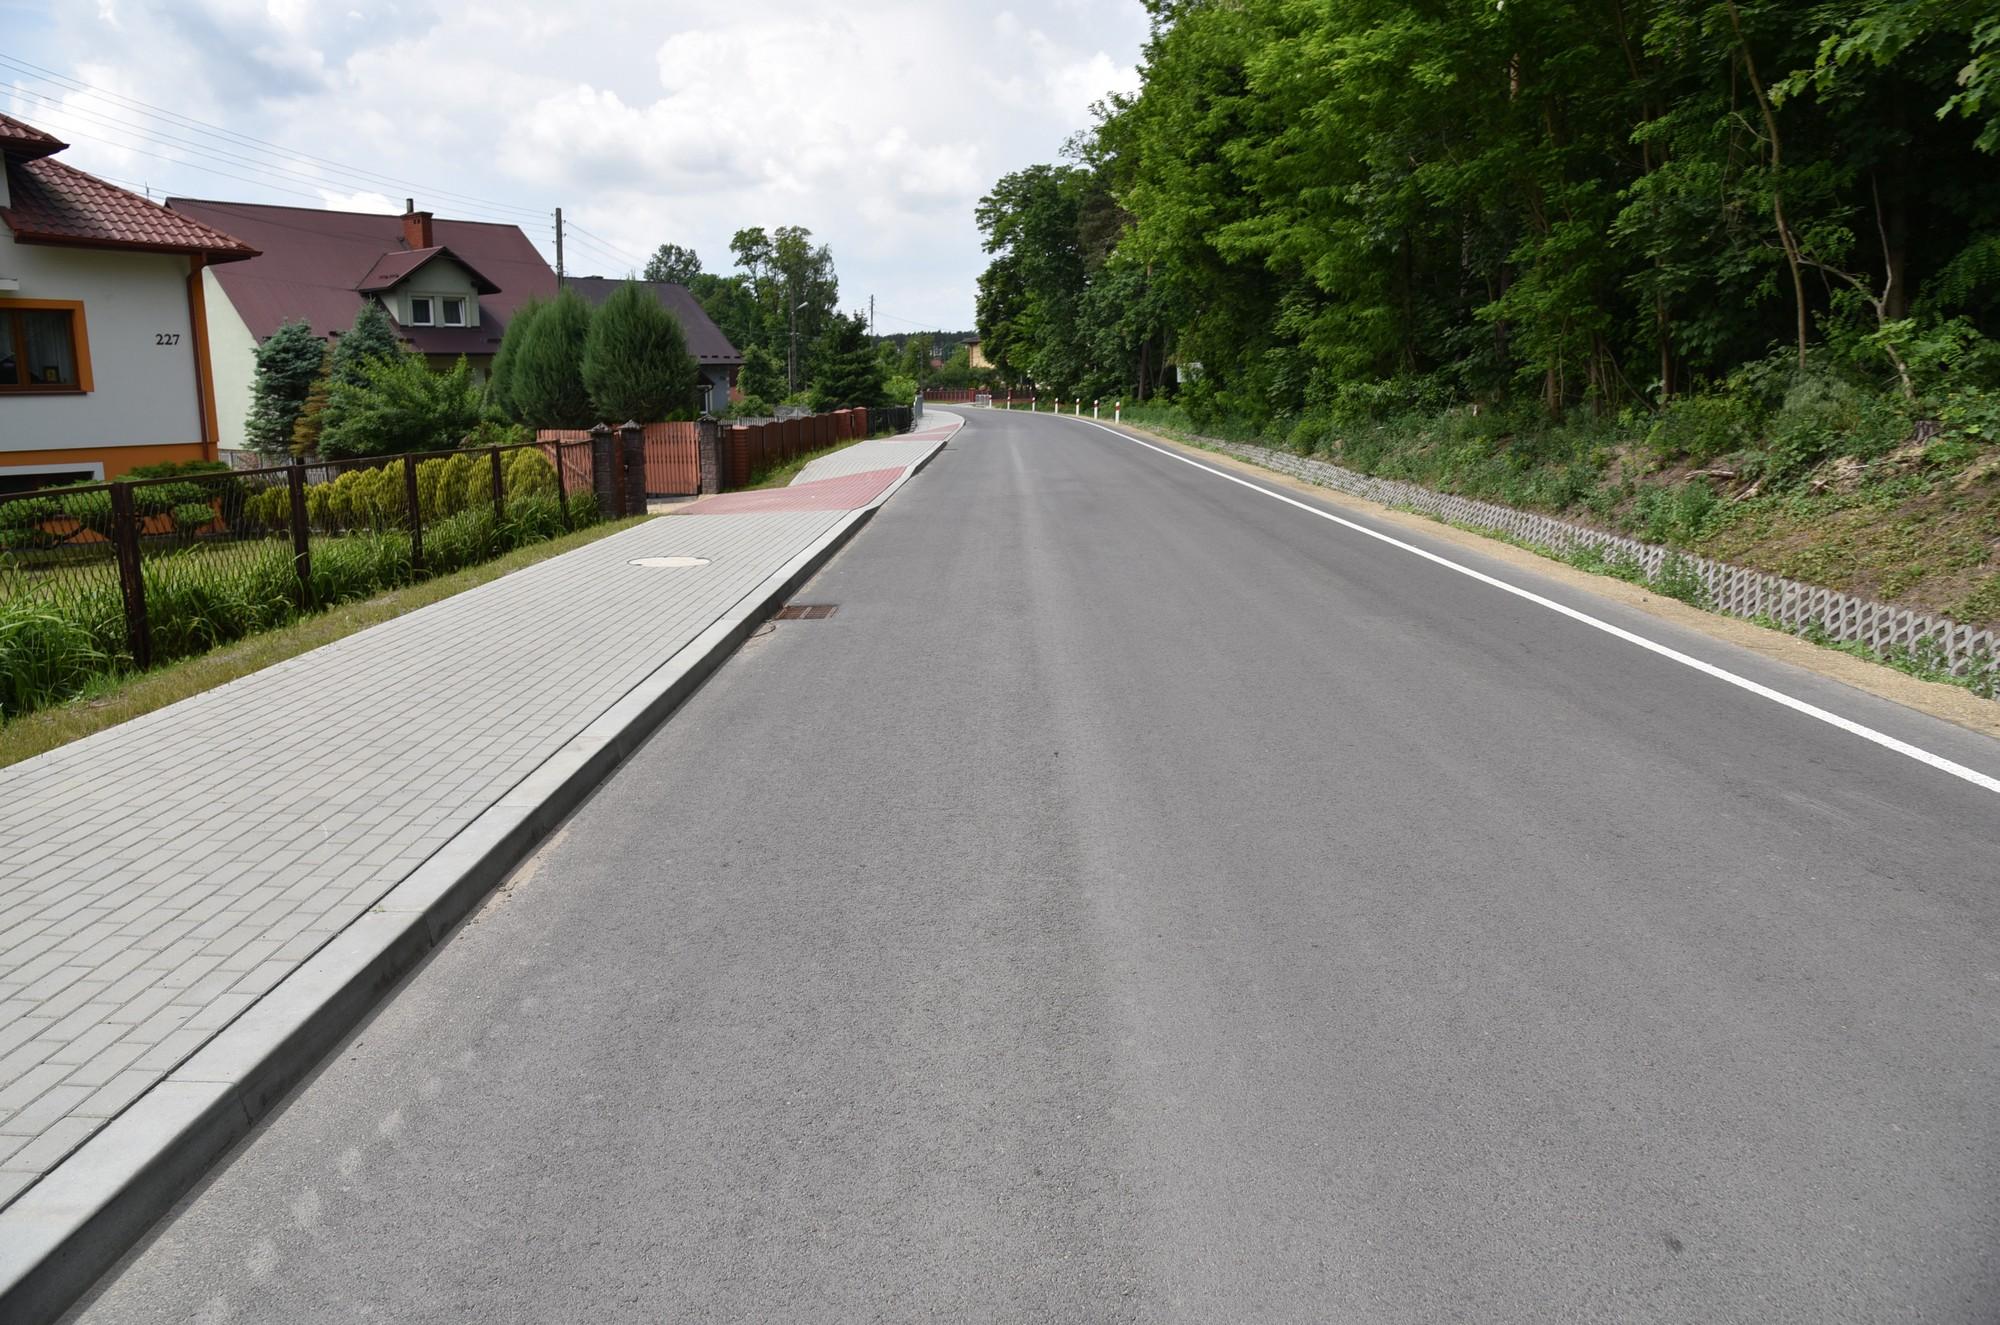 Zdjęcie przedstawia drogę po przebudowie z chodnikiem lewostronnym. Po prawej stronie fragment lasu, po lewej zabudowania z z przydomowymi ogródkami